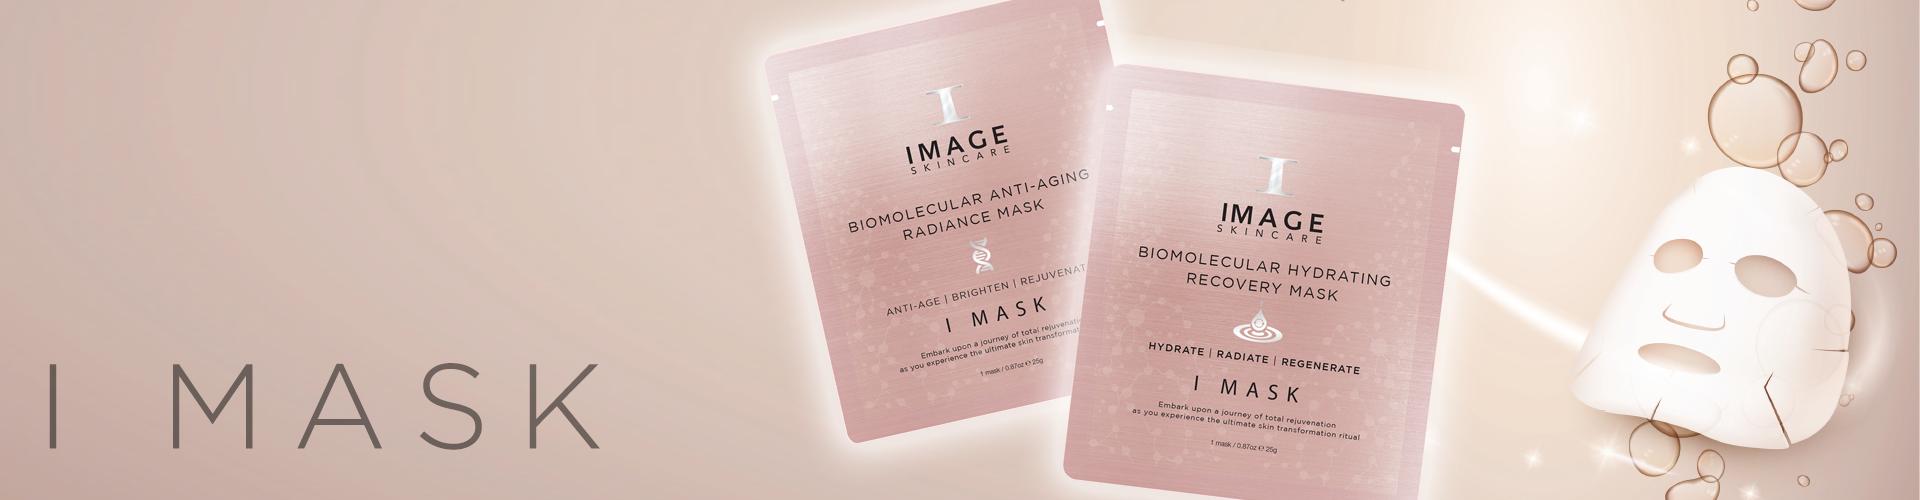 i-mask